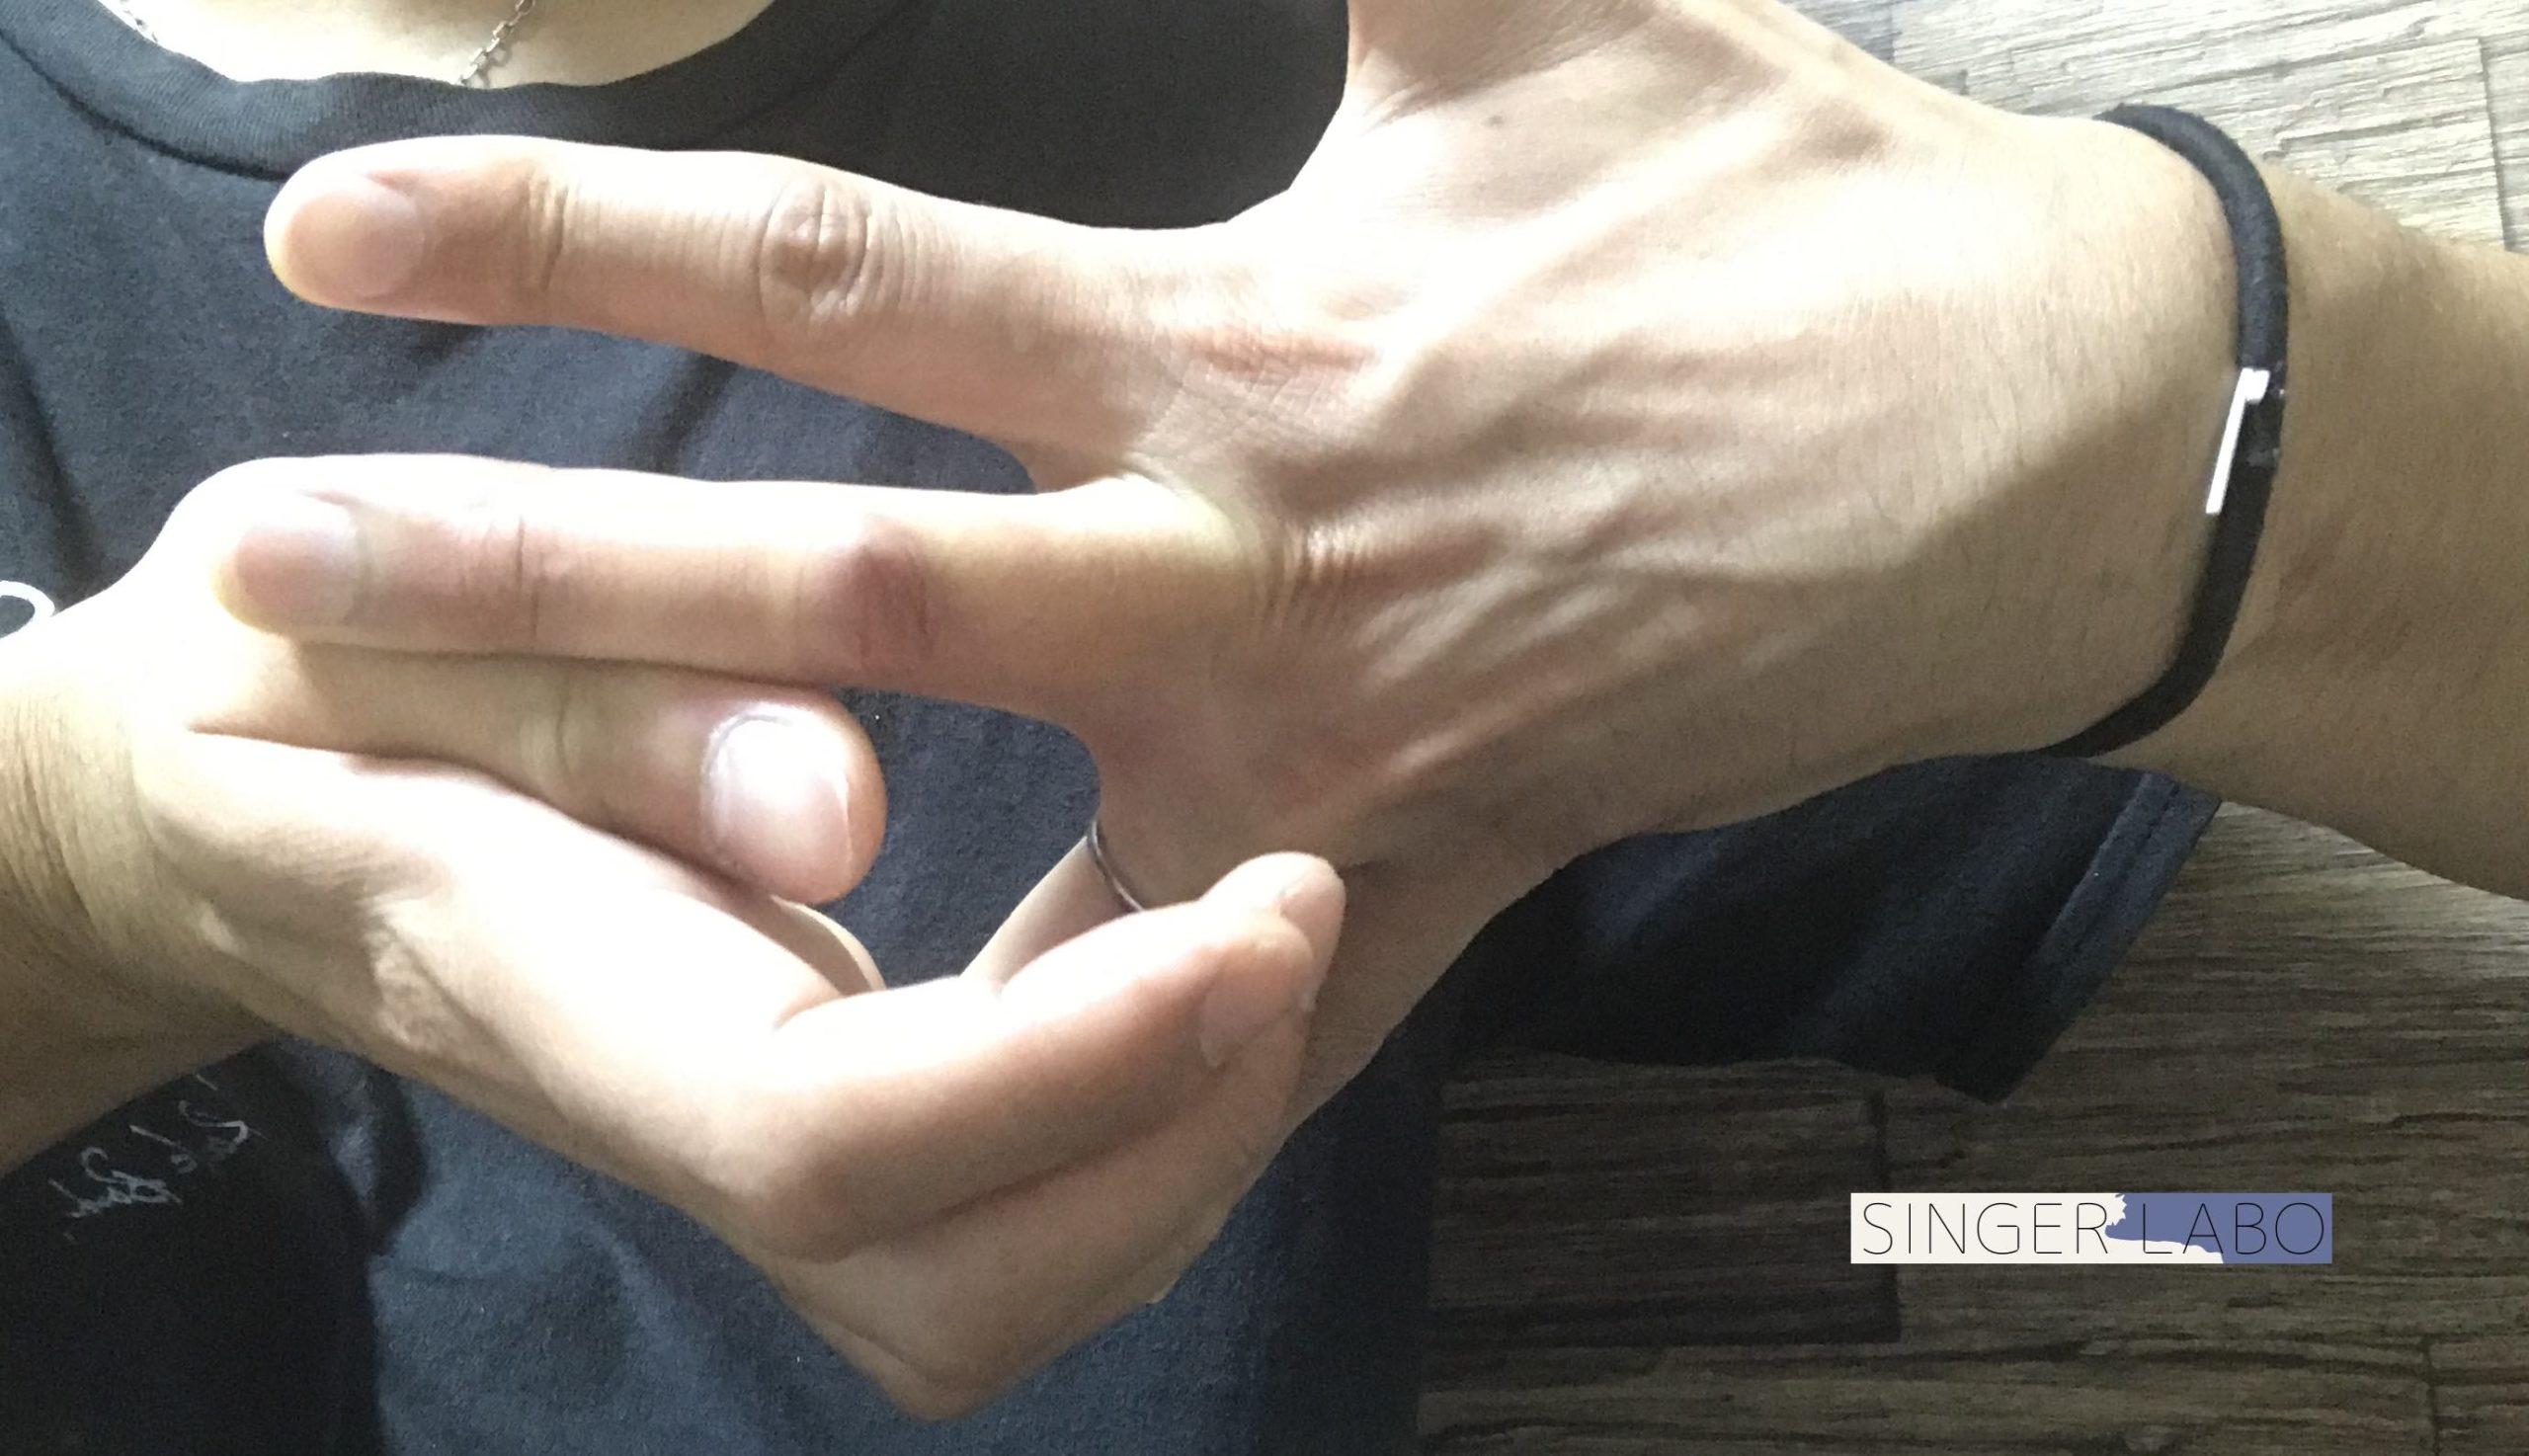 Cコードを押さえるコツ②: 指の間をストレッチする